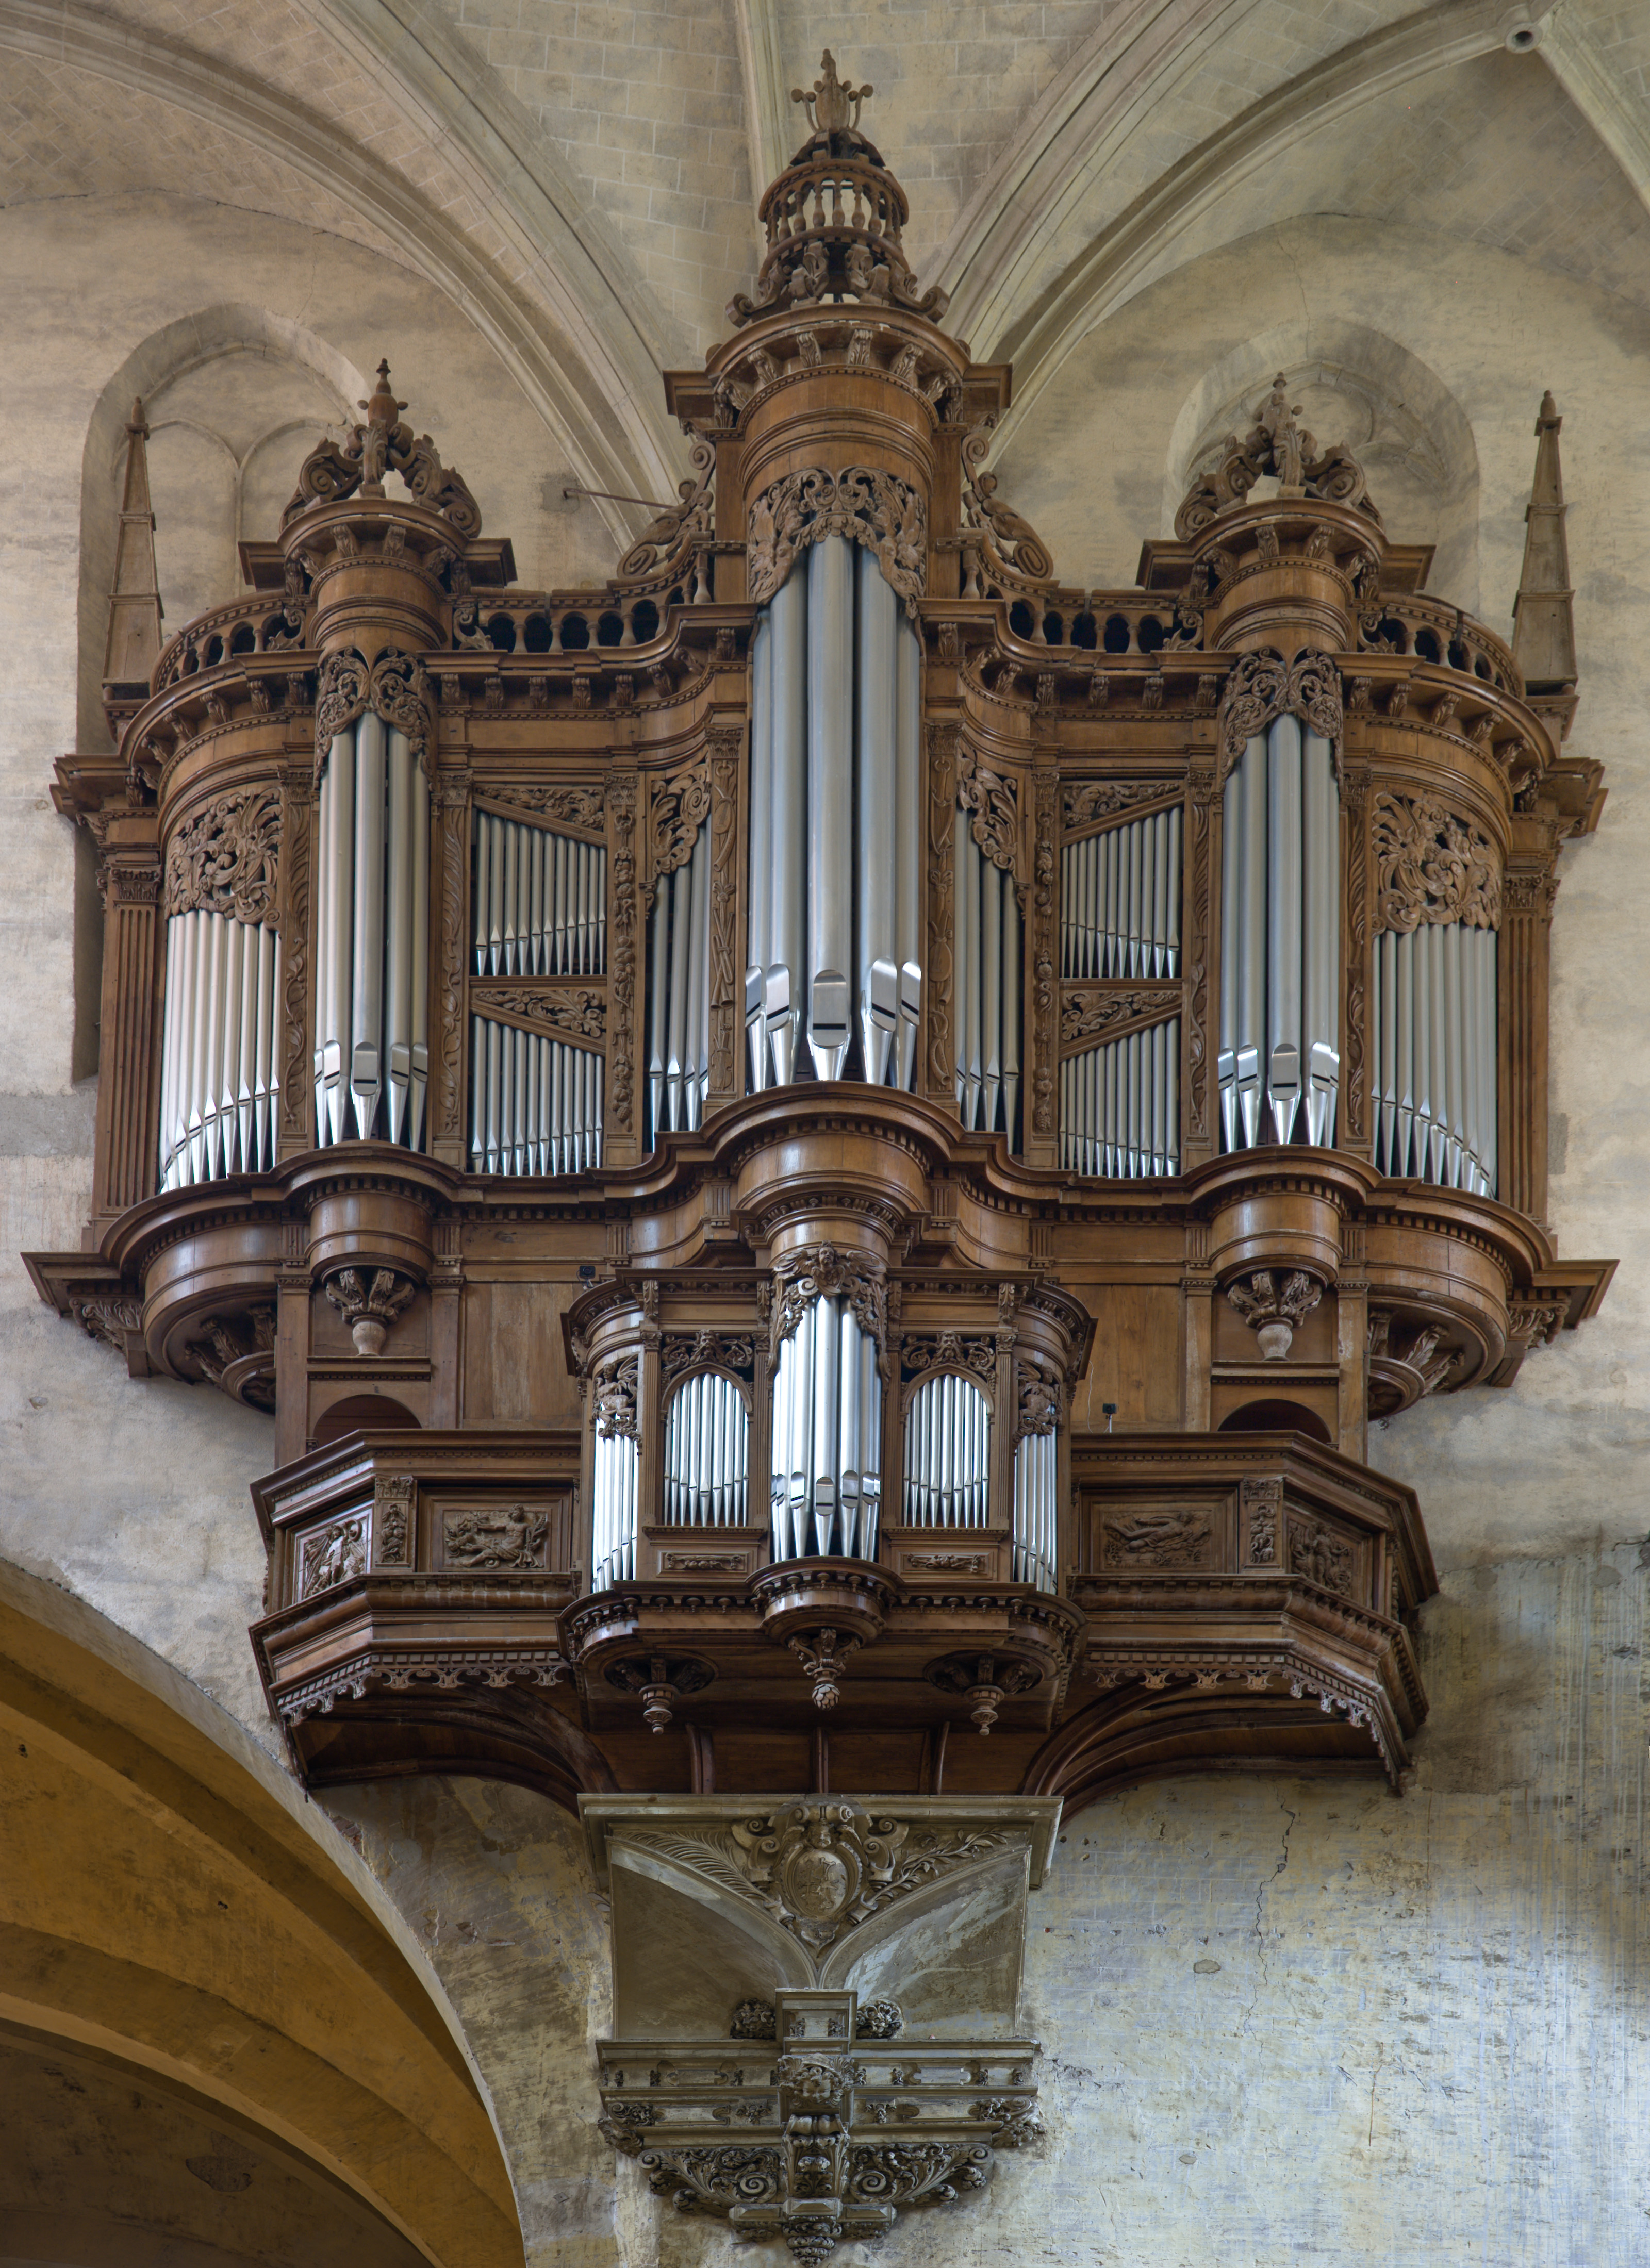 музыкальный инструмент орган фото